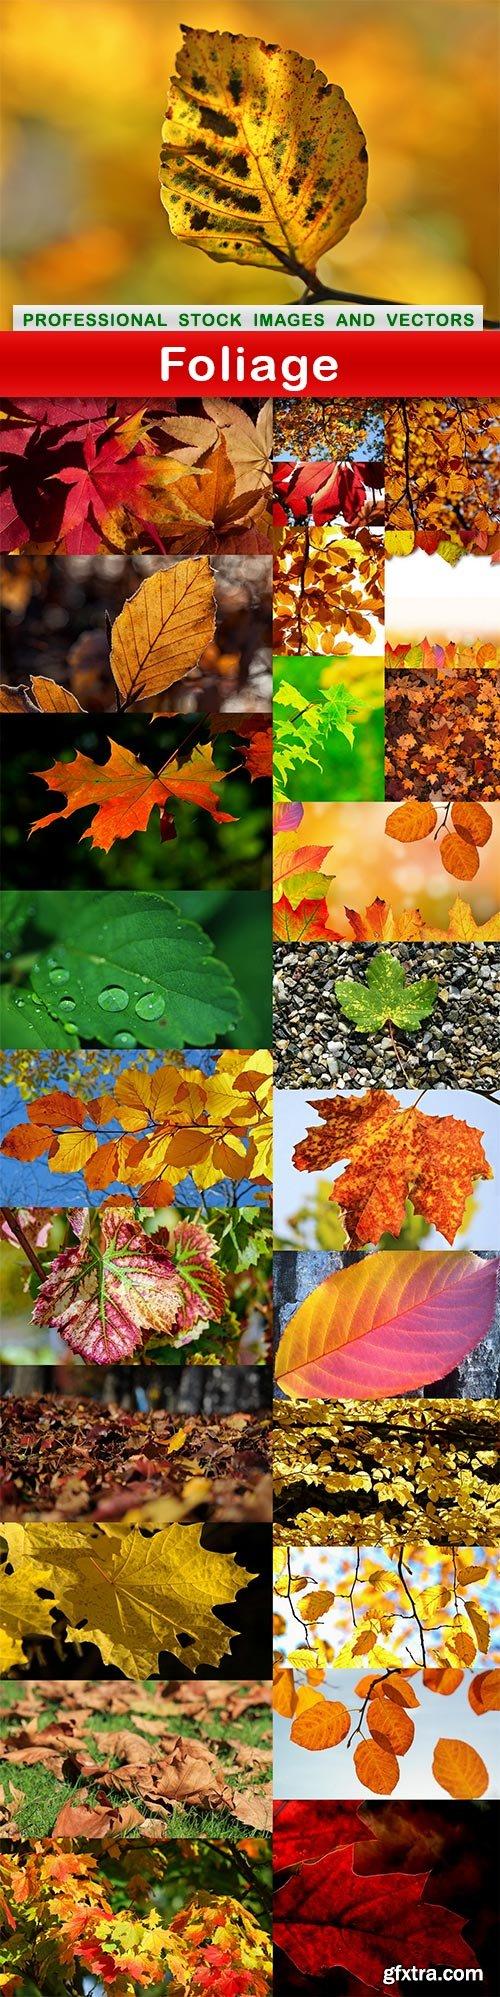 Foliage - 27 UHQ JPEG